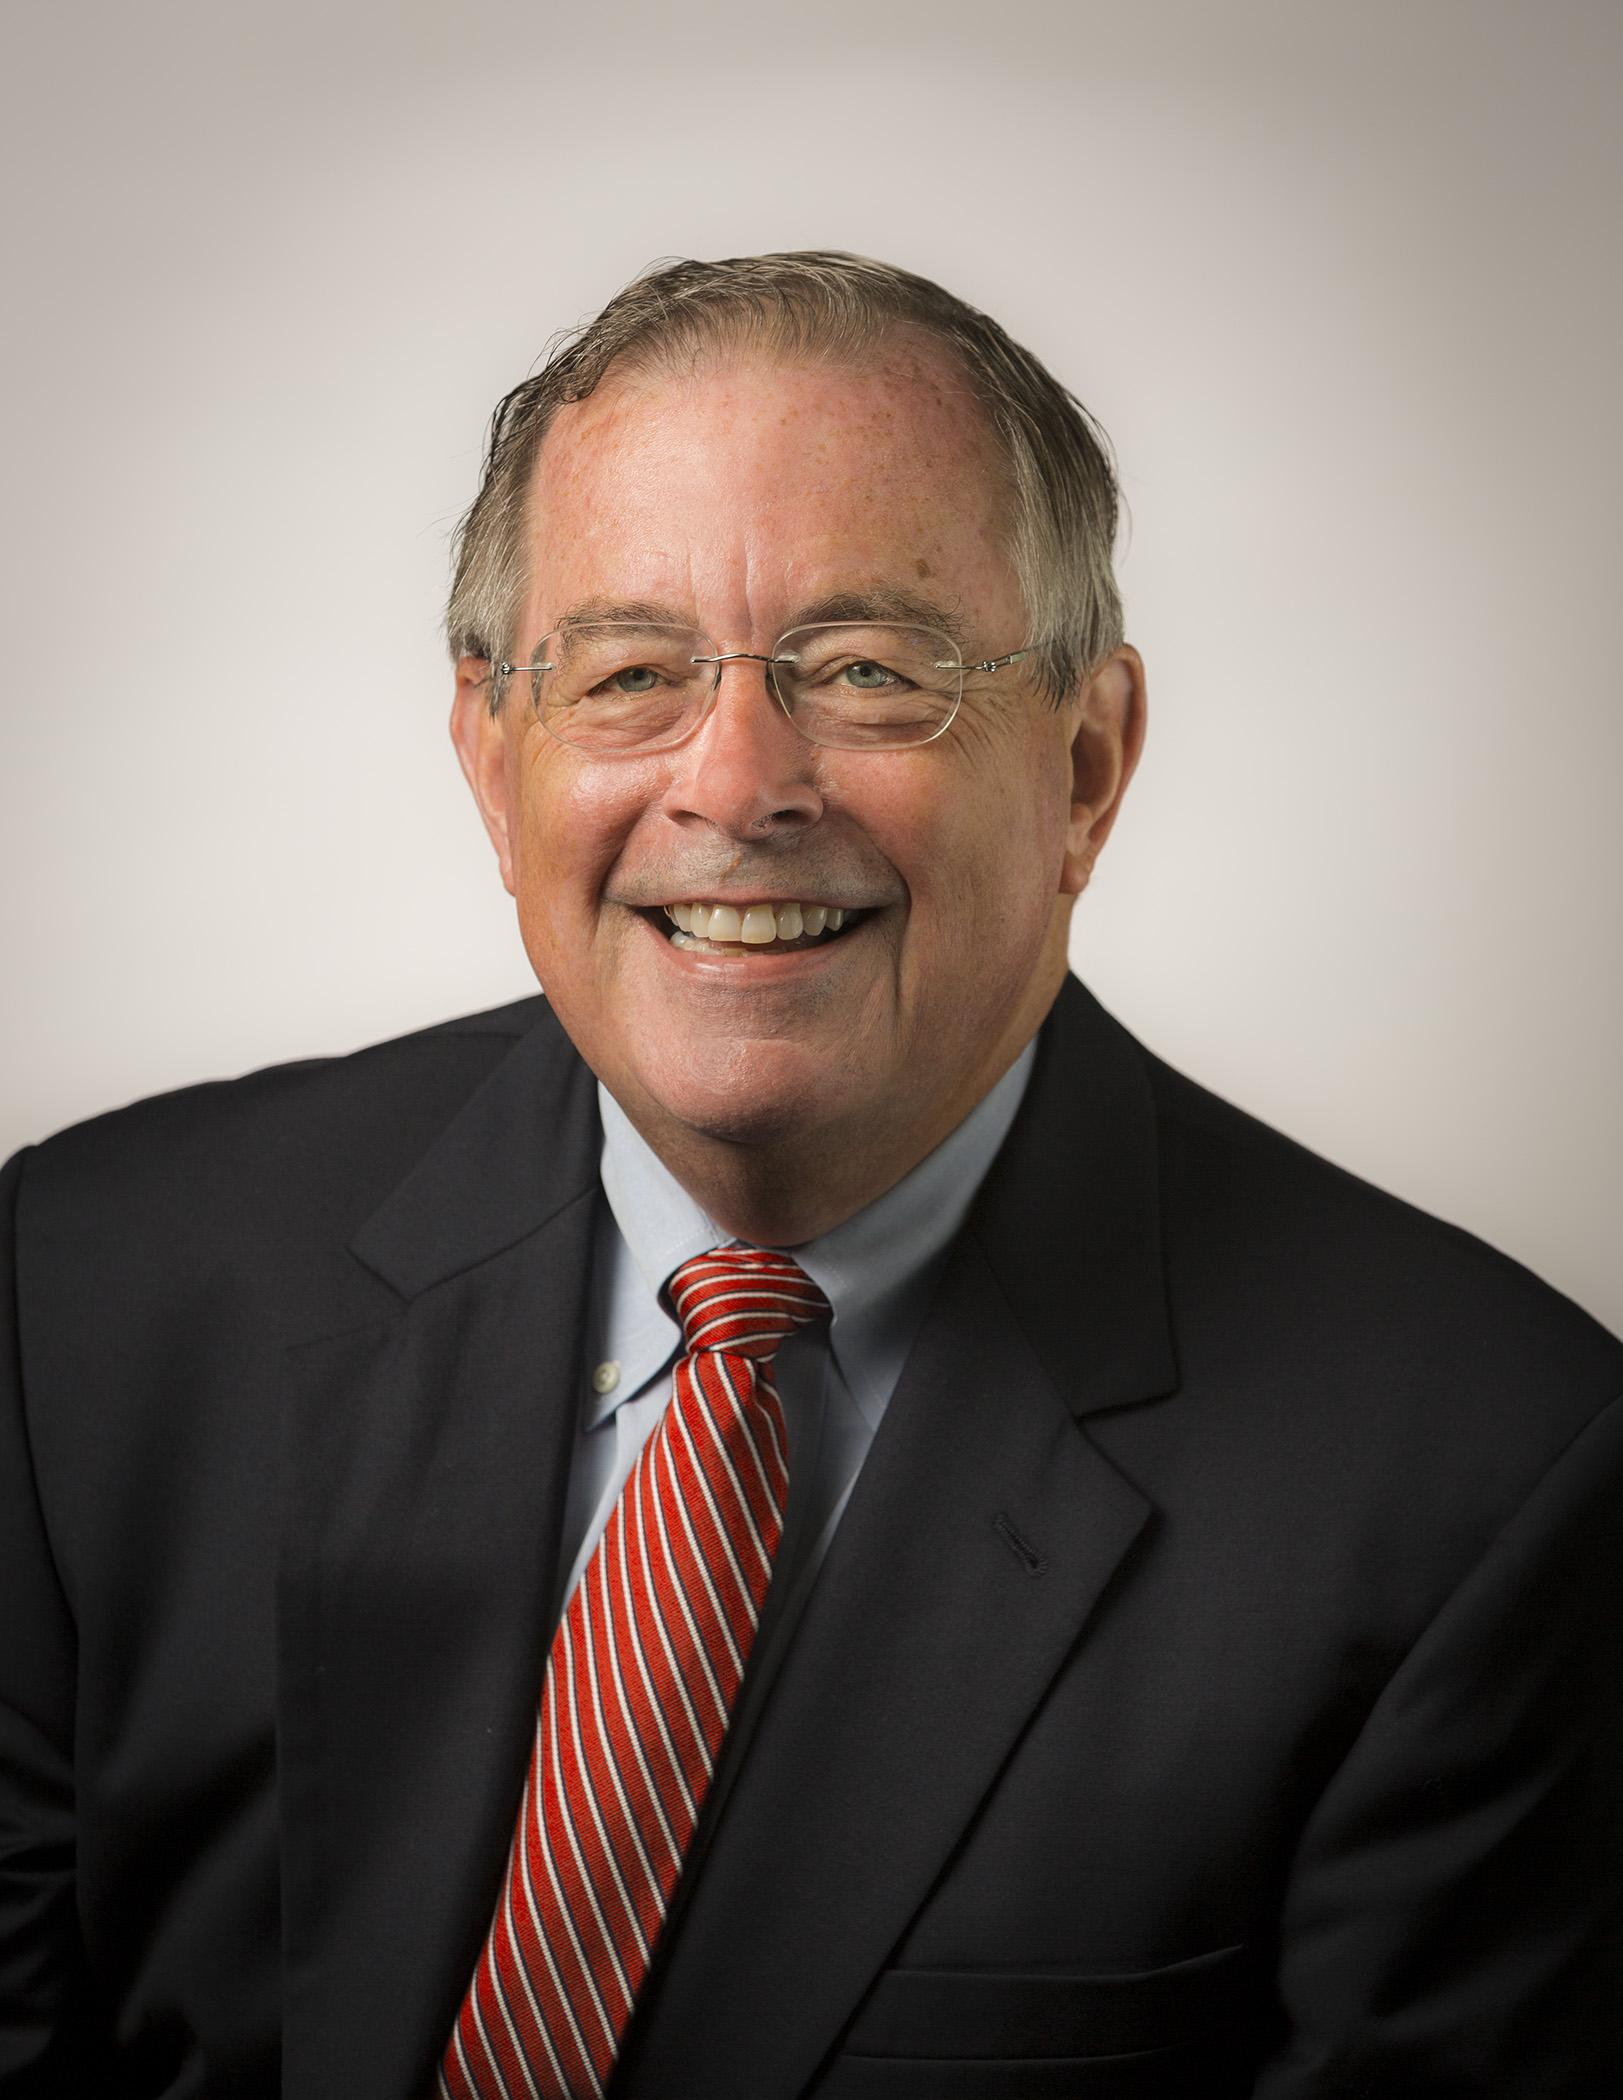 Kenneth Davis